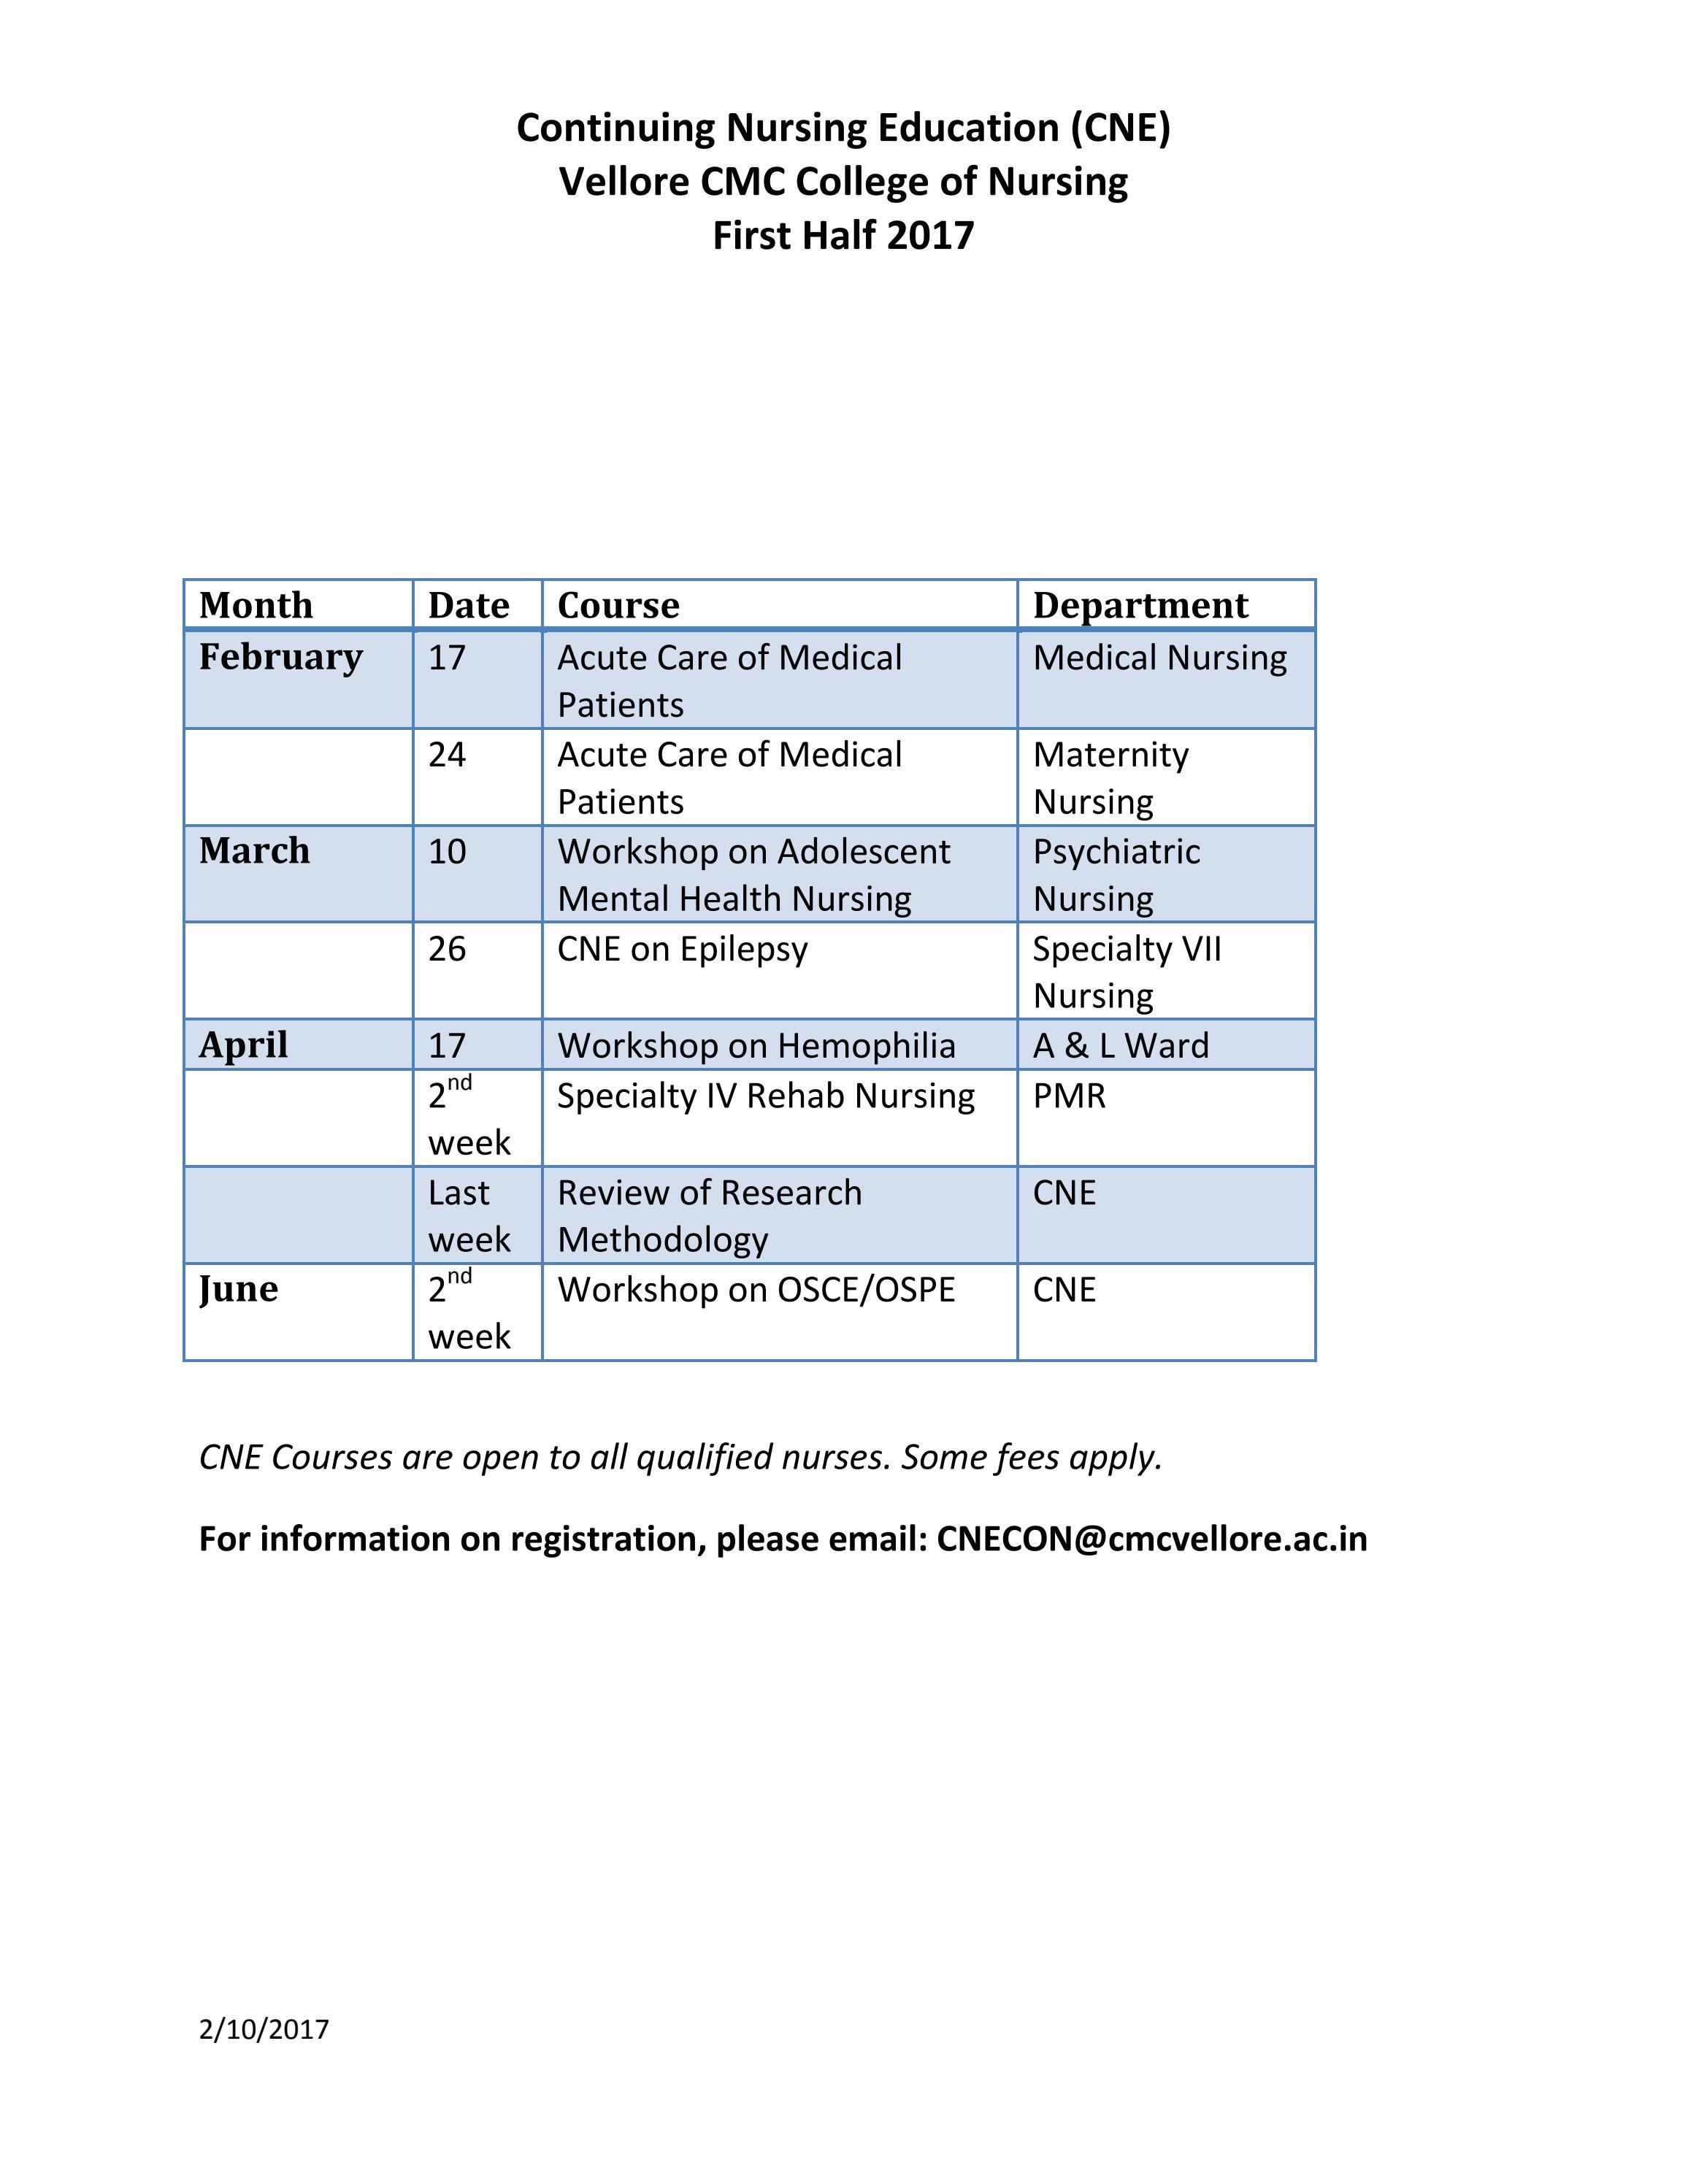 con-cne-courses-2017 by Vellore CMC Foundation - issuu